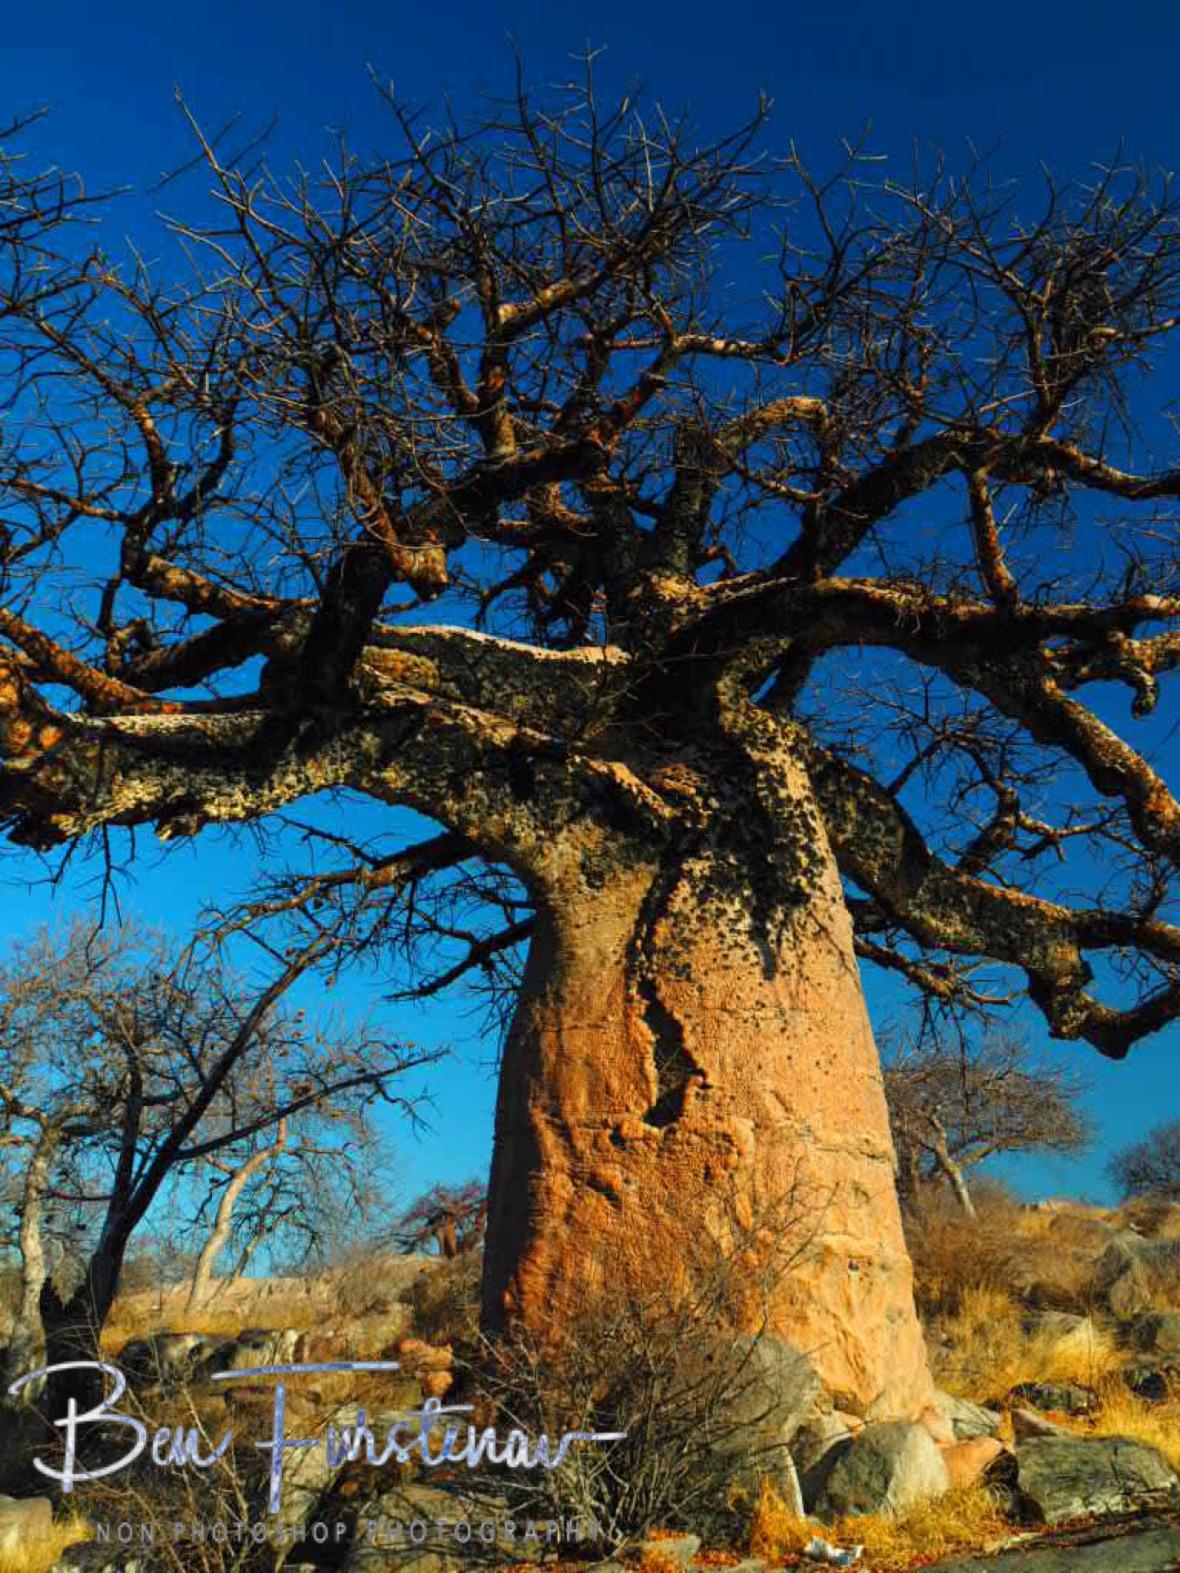 Baobab Chickenpox, Kubu Island, Makgadikgadi Salt Pans, Botswana